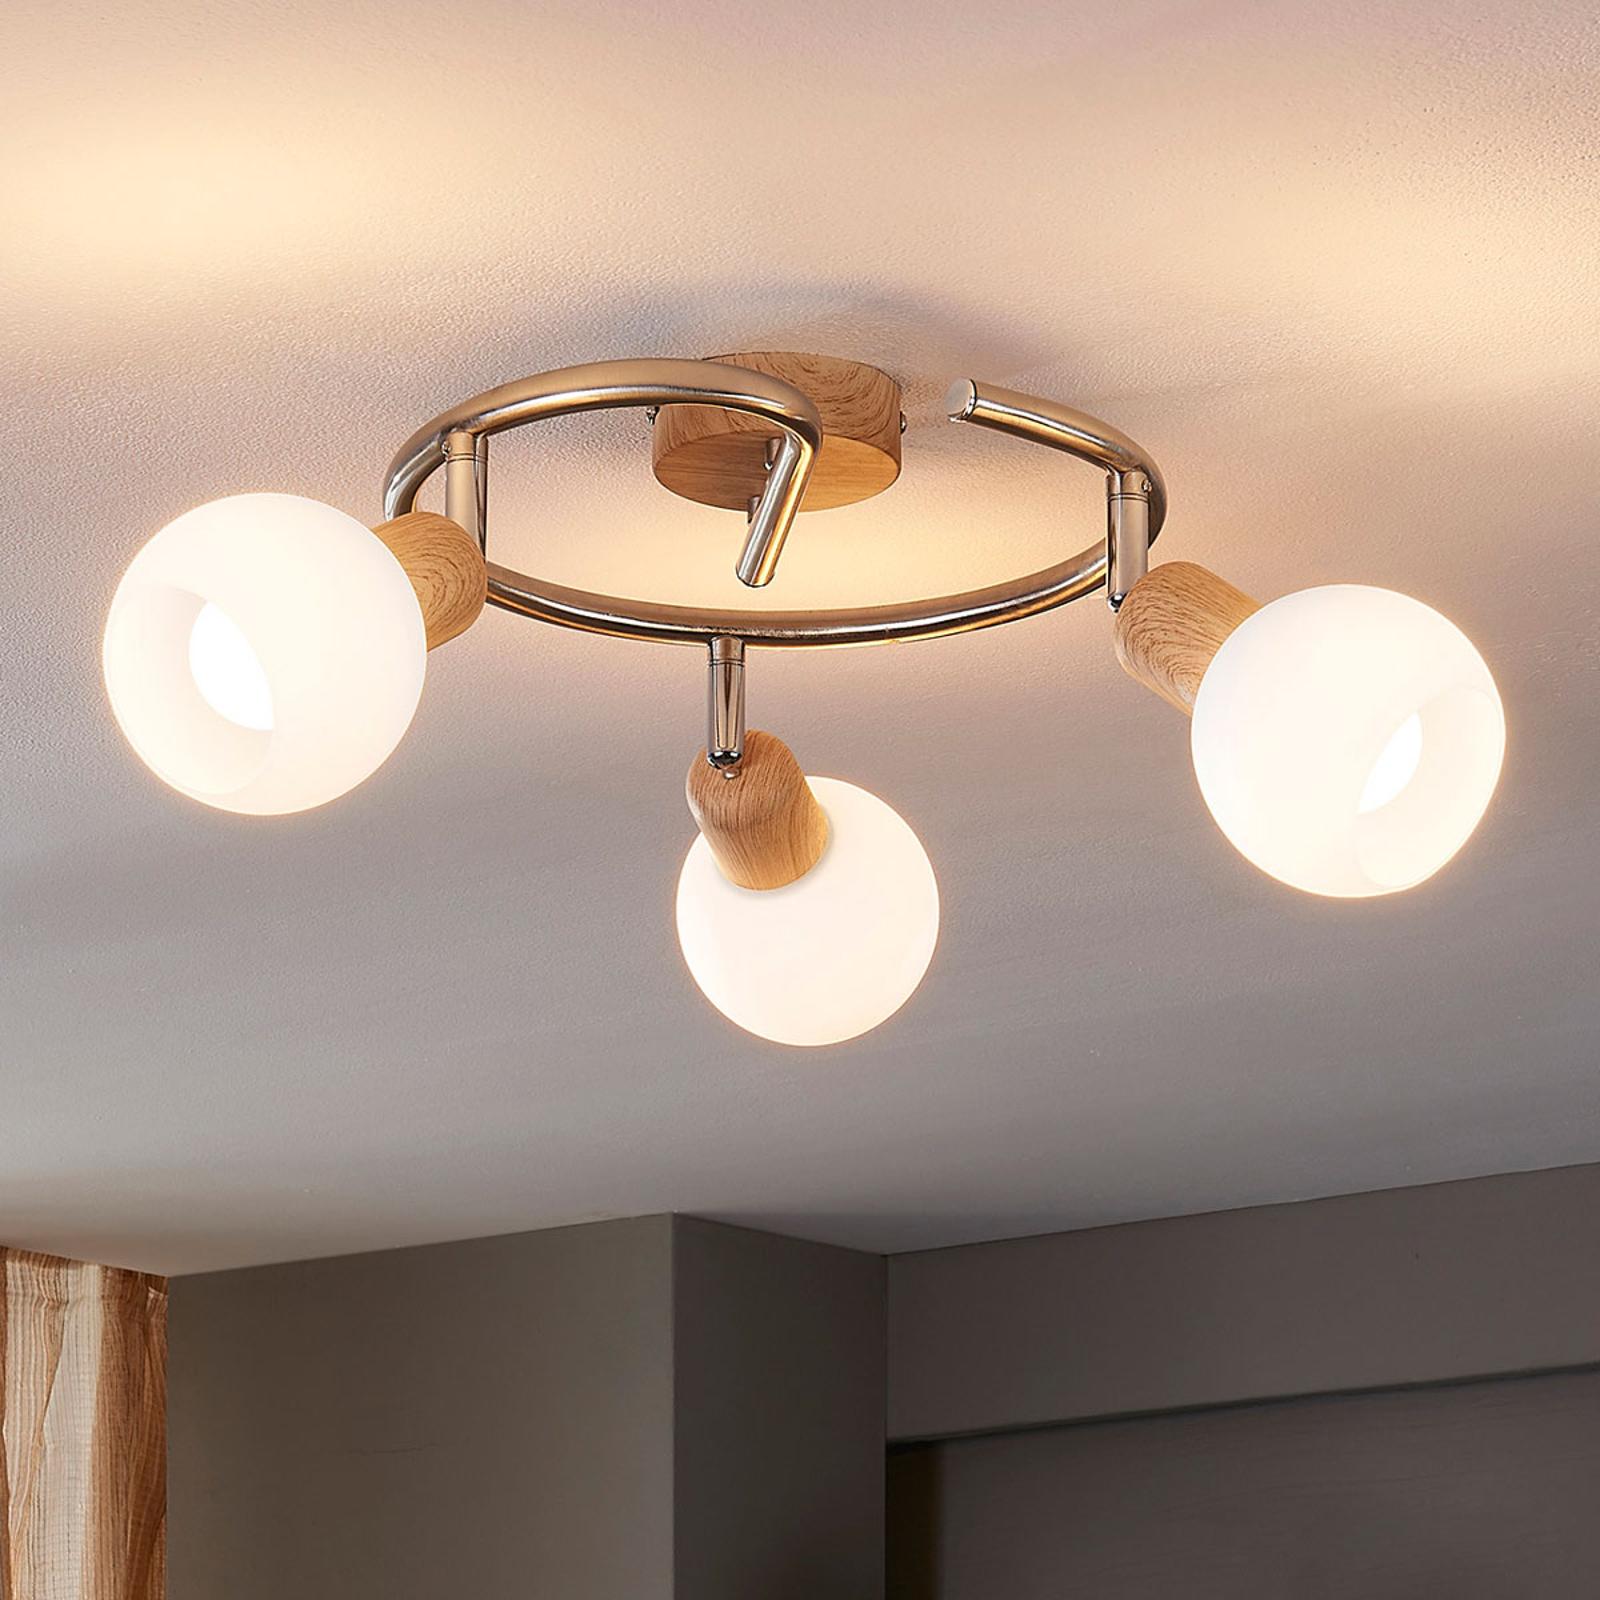 LED-Deckenleuchte Svenka, 3-flg., Rondell